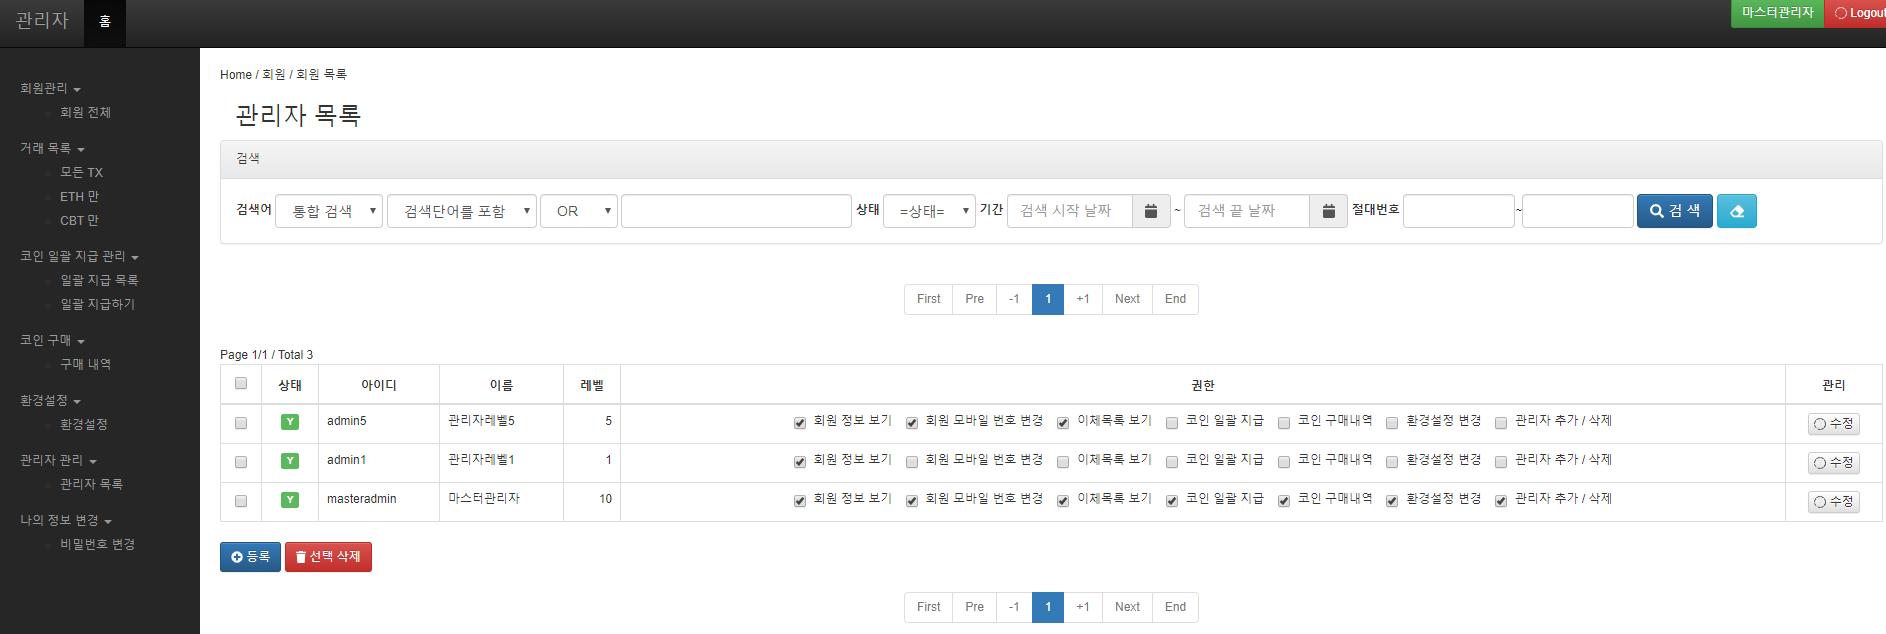 통합 웹 지갑 관리자 화면 - 관리자 관리